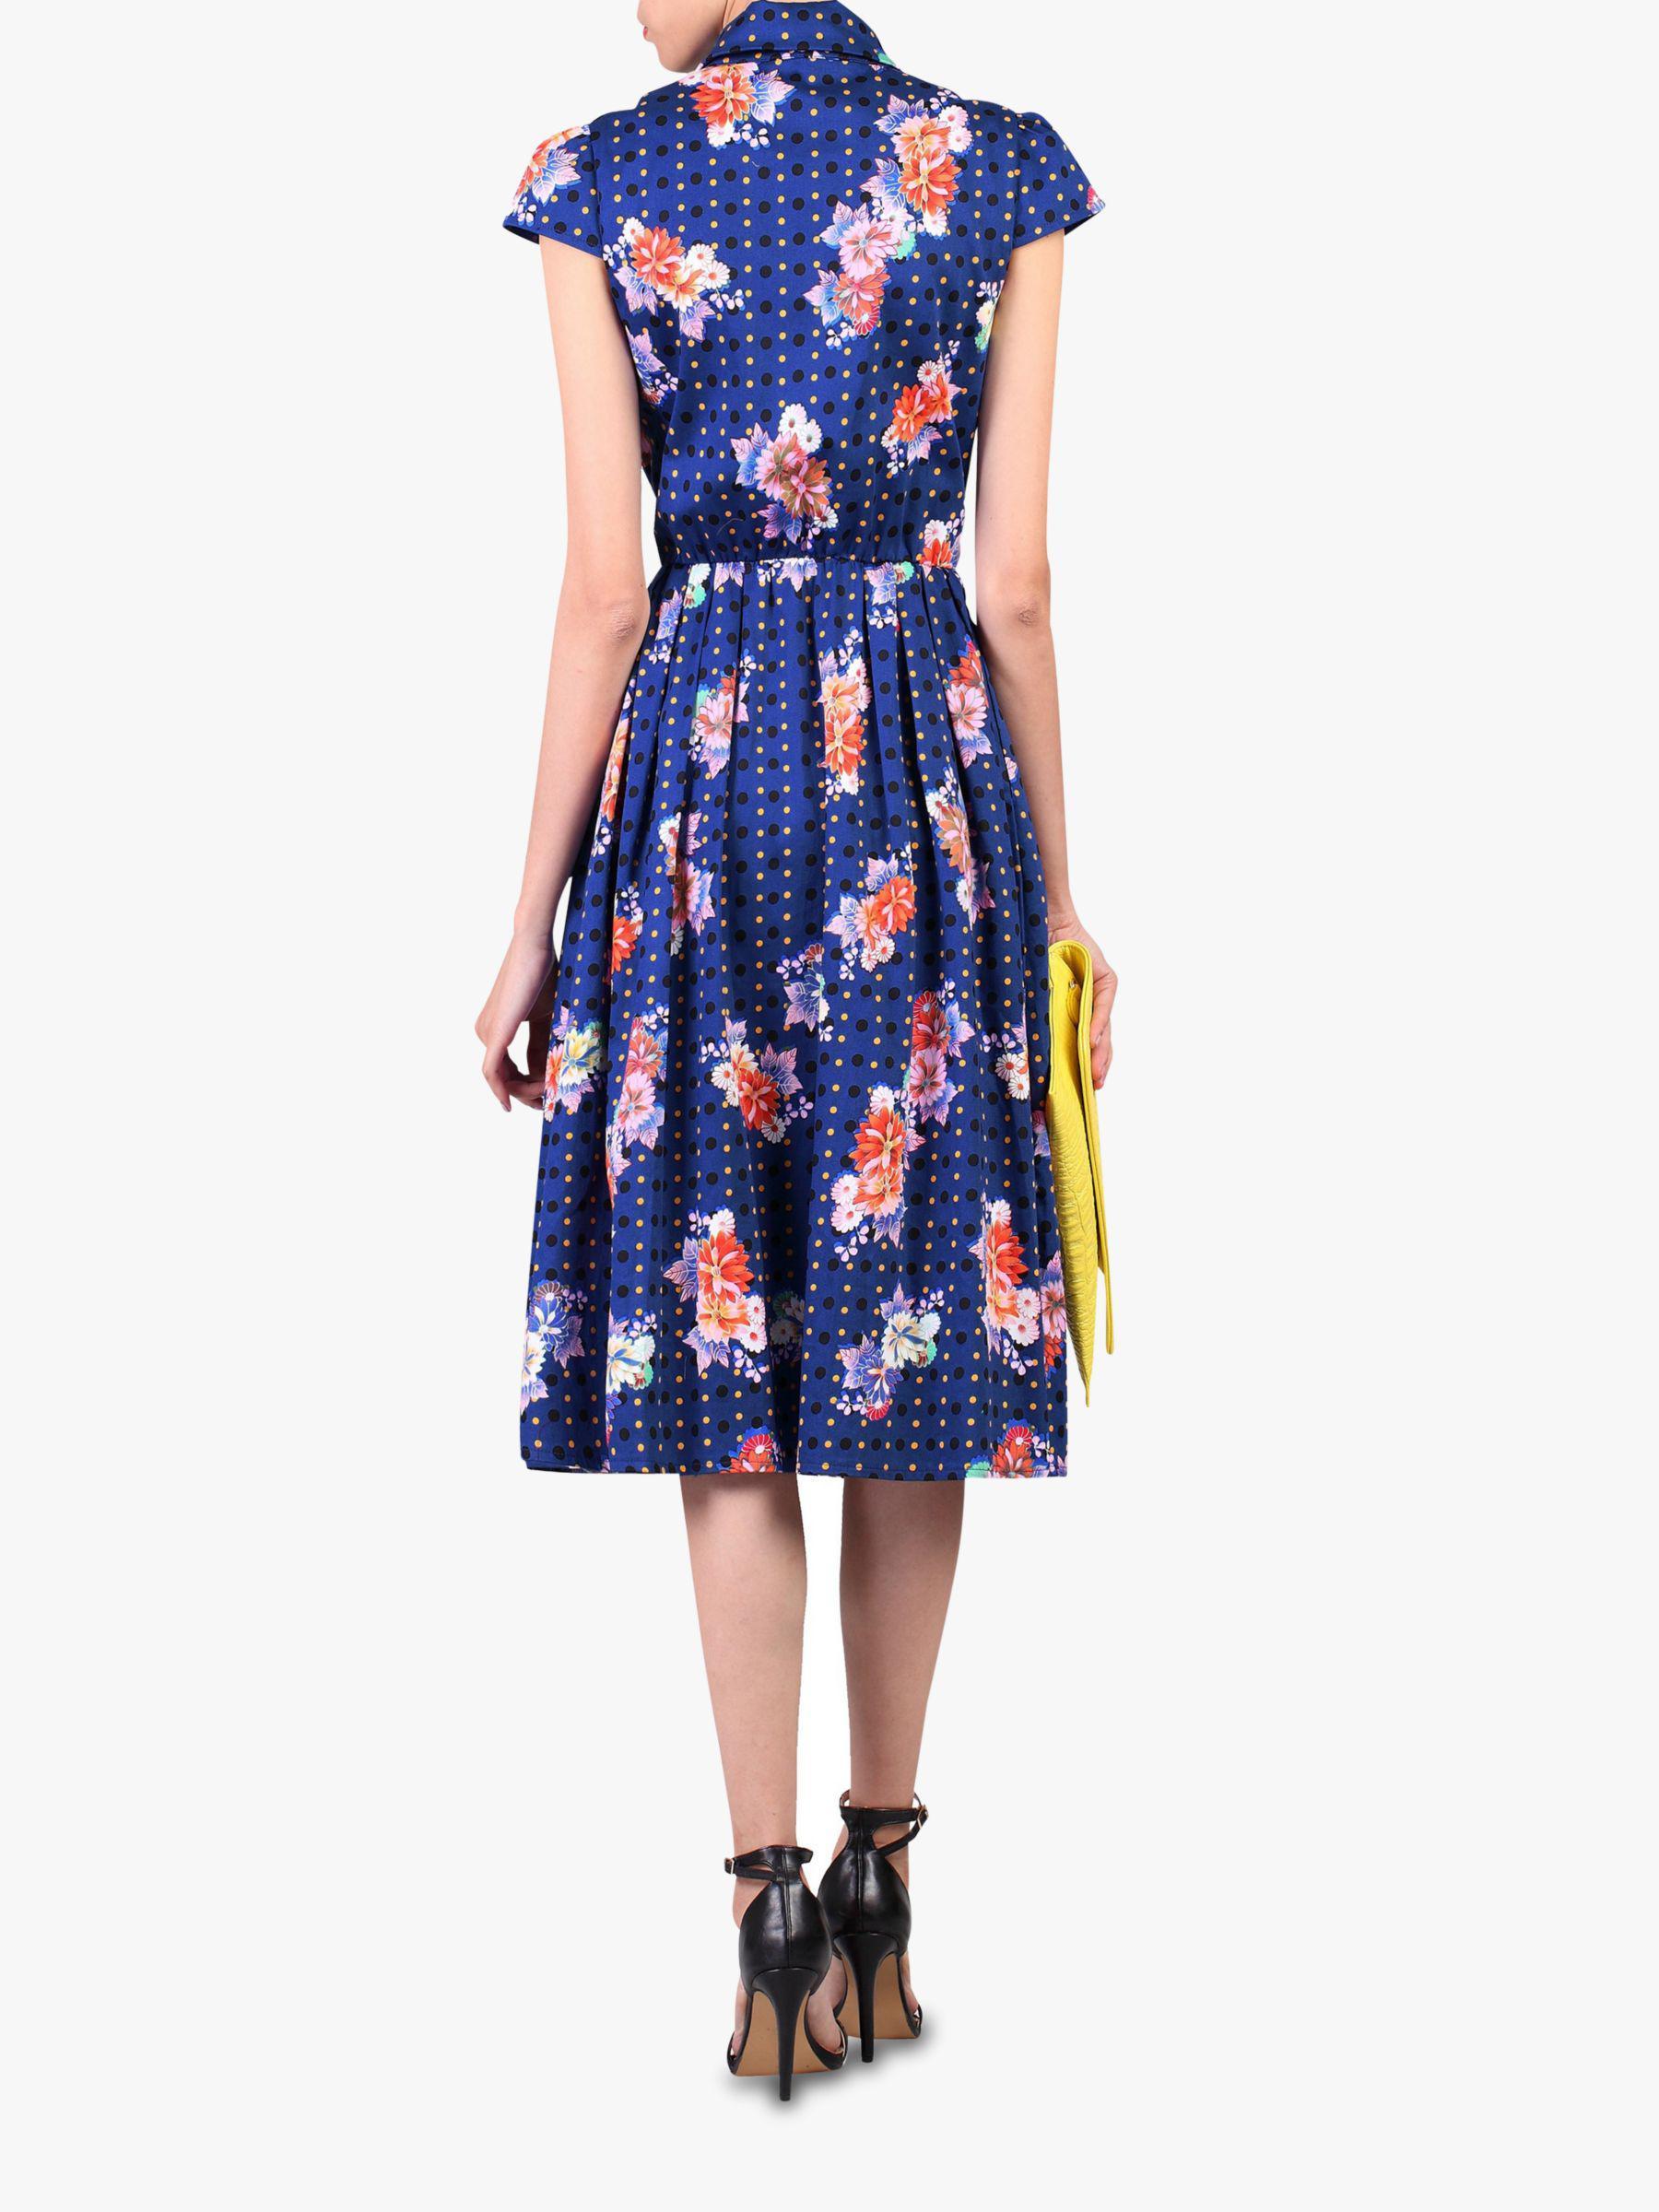 a8c3c052893 ... Blue Floral Spot Print Shirt Dress - Lyst. View fullscreen